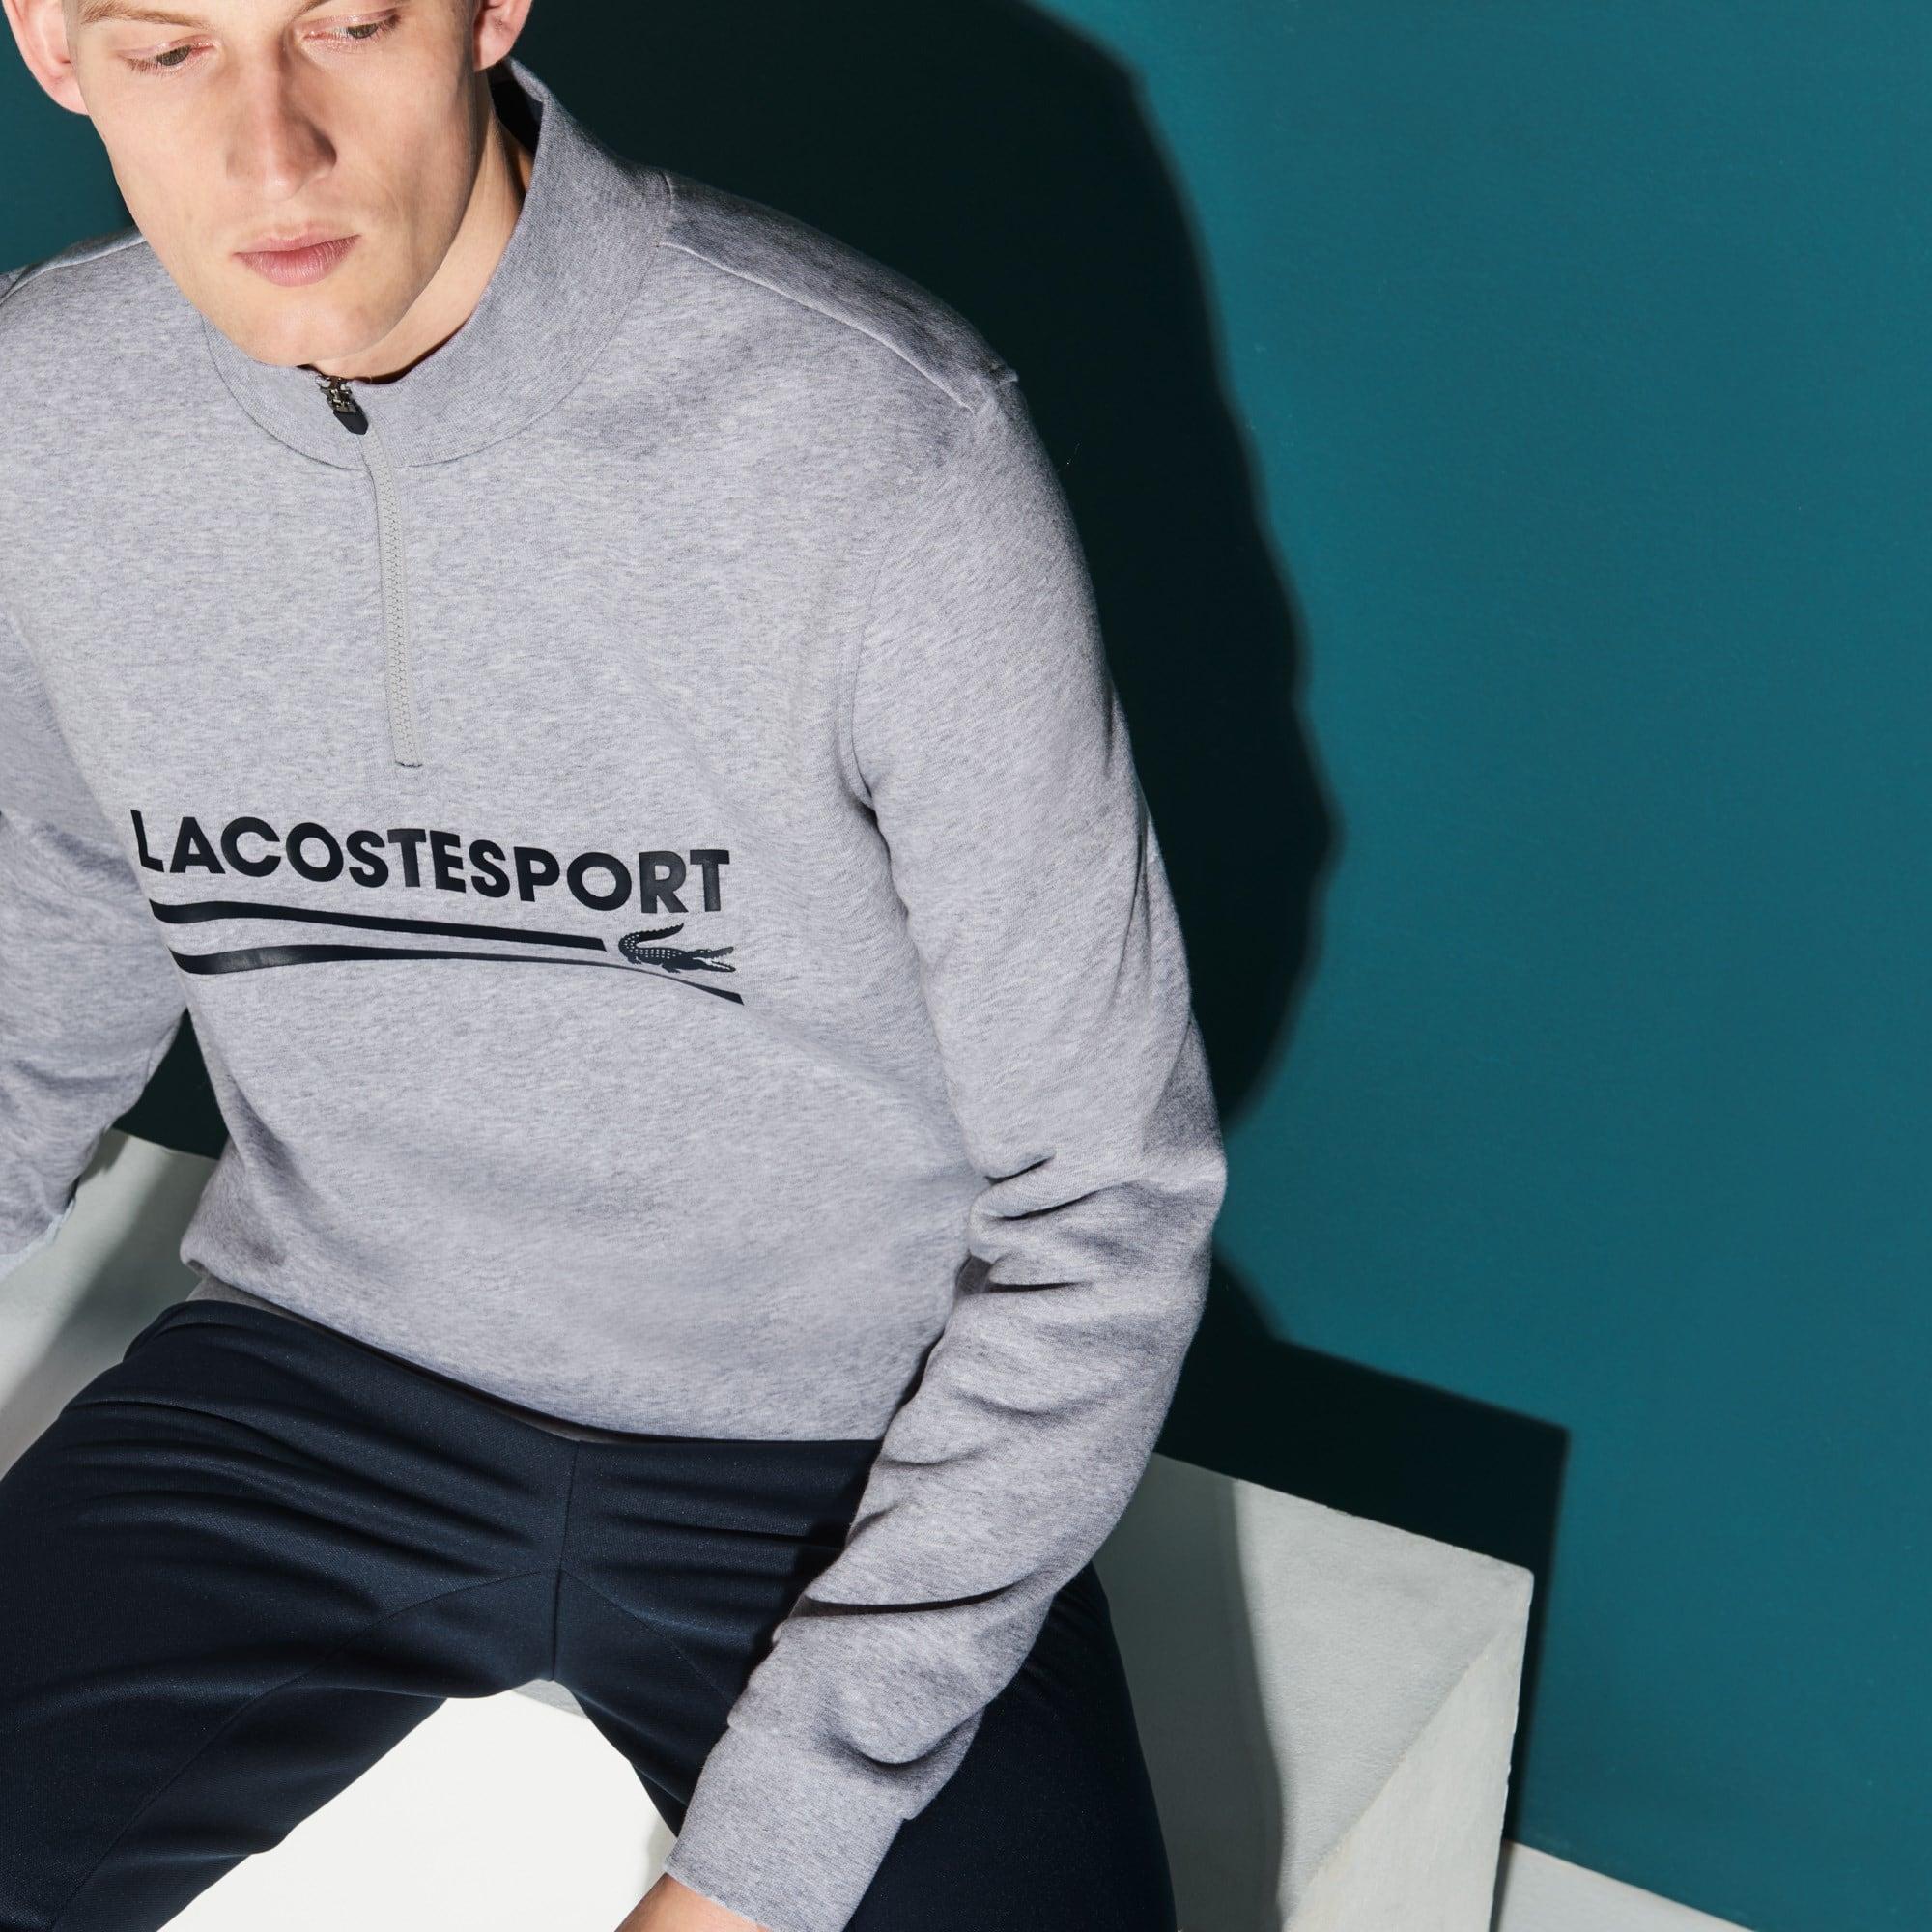 Herren LACOSTE SPORT Fleece Tennis-Sweatshirt mit Stehkragen